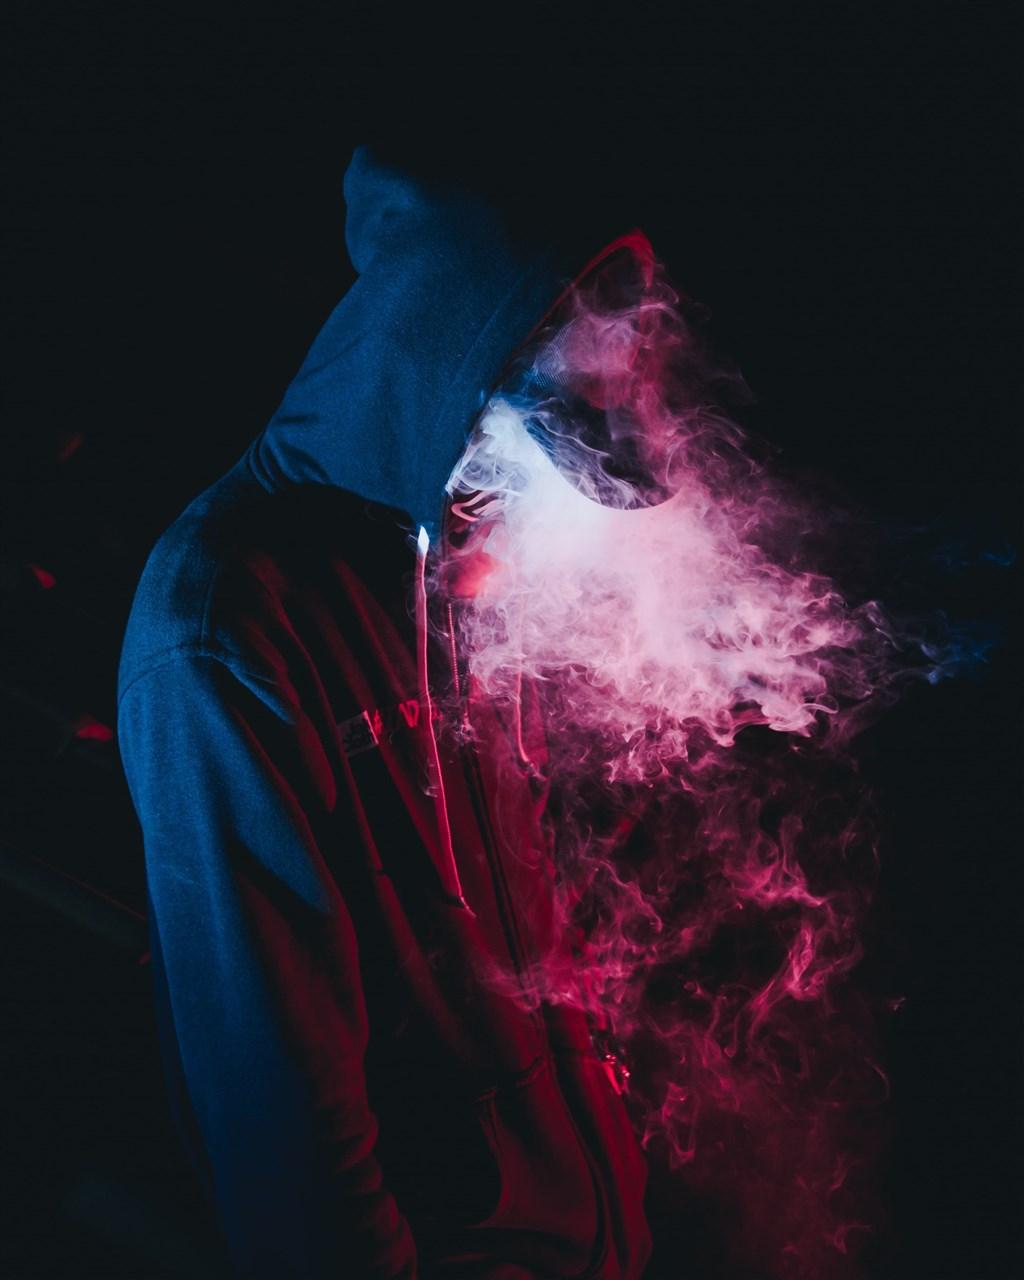 中部15歲少年抽4年電子菸罹肺炎,成為全台首例電子菸肺病通報個案。(示意圖/圖取自Unsplash圖庫)